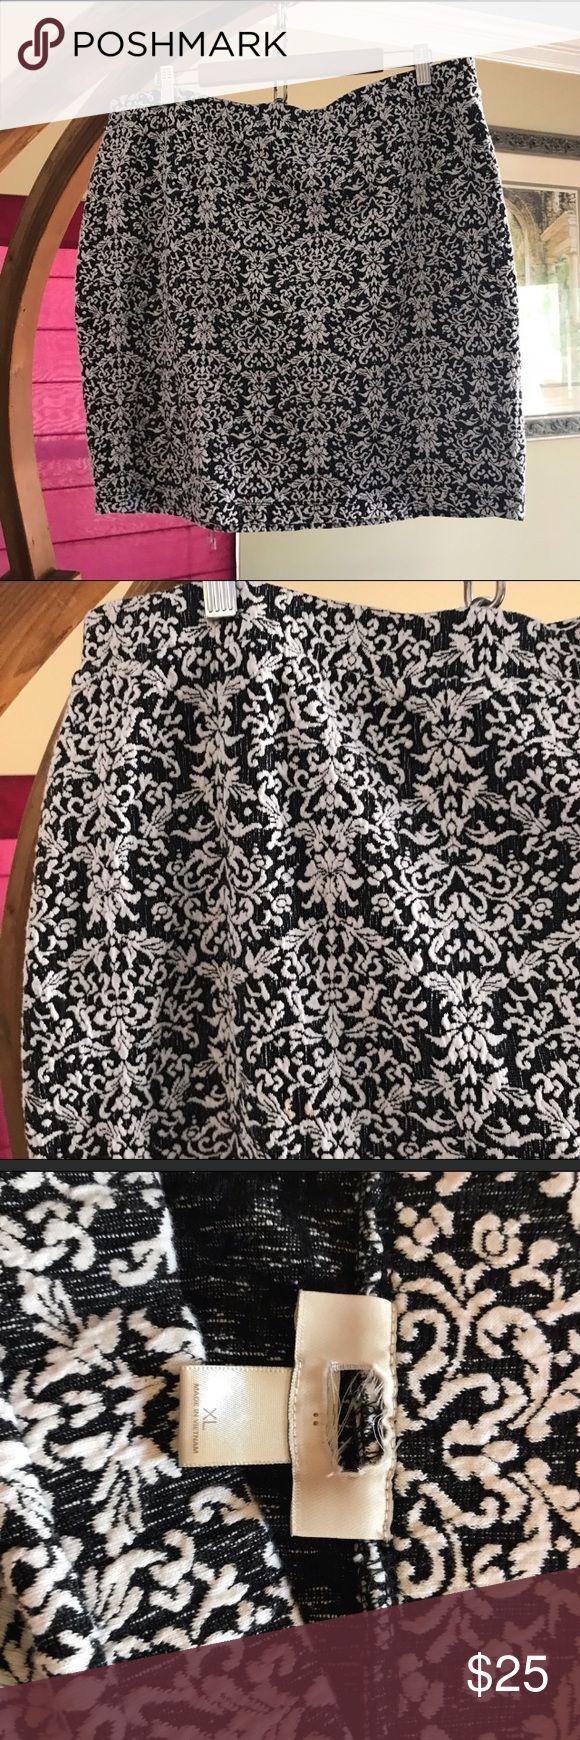 Ann Taylor LOFT black white fleur de lis skirt Size XL. Elastic waist. Textured print. Cotton, polyester. EUC (label has been cut out to prevent returns) LOFT Skirts Pencil